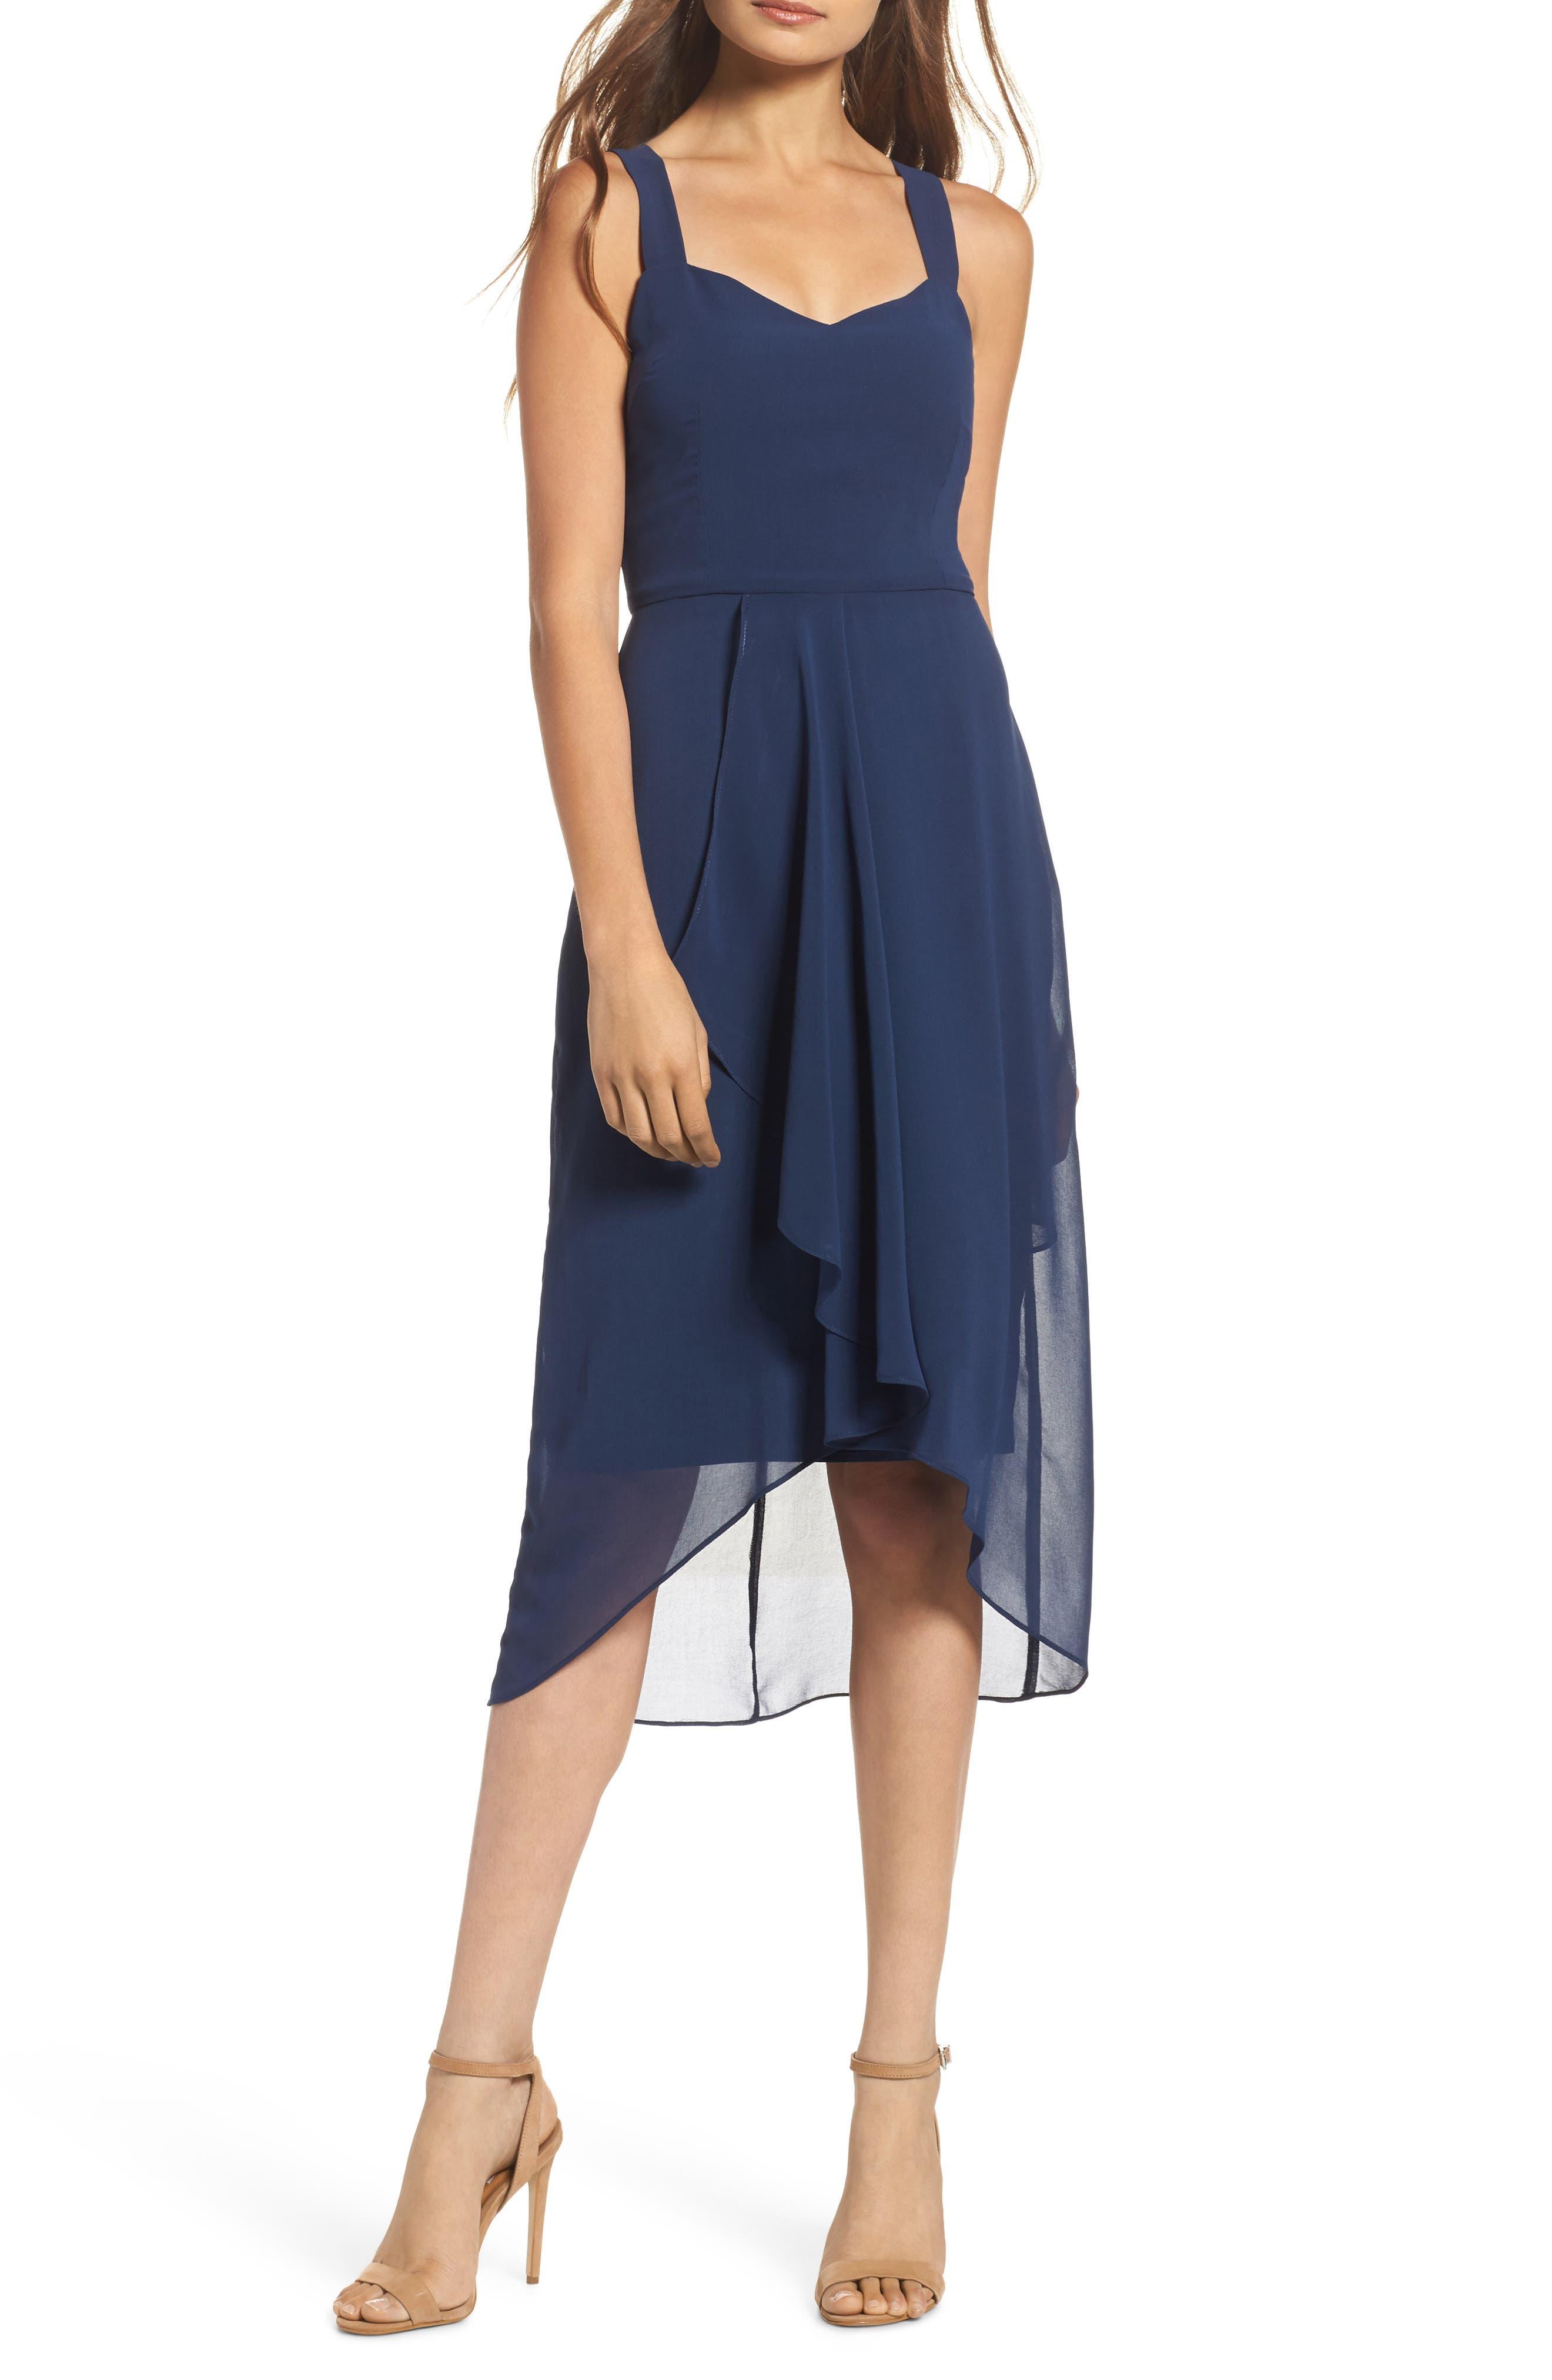 Utopia Midi Dress,                             Main thumbnail 1, color,                             435